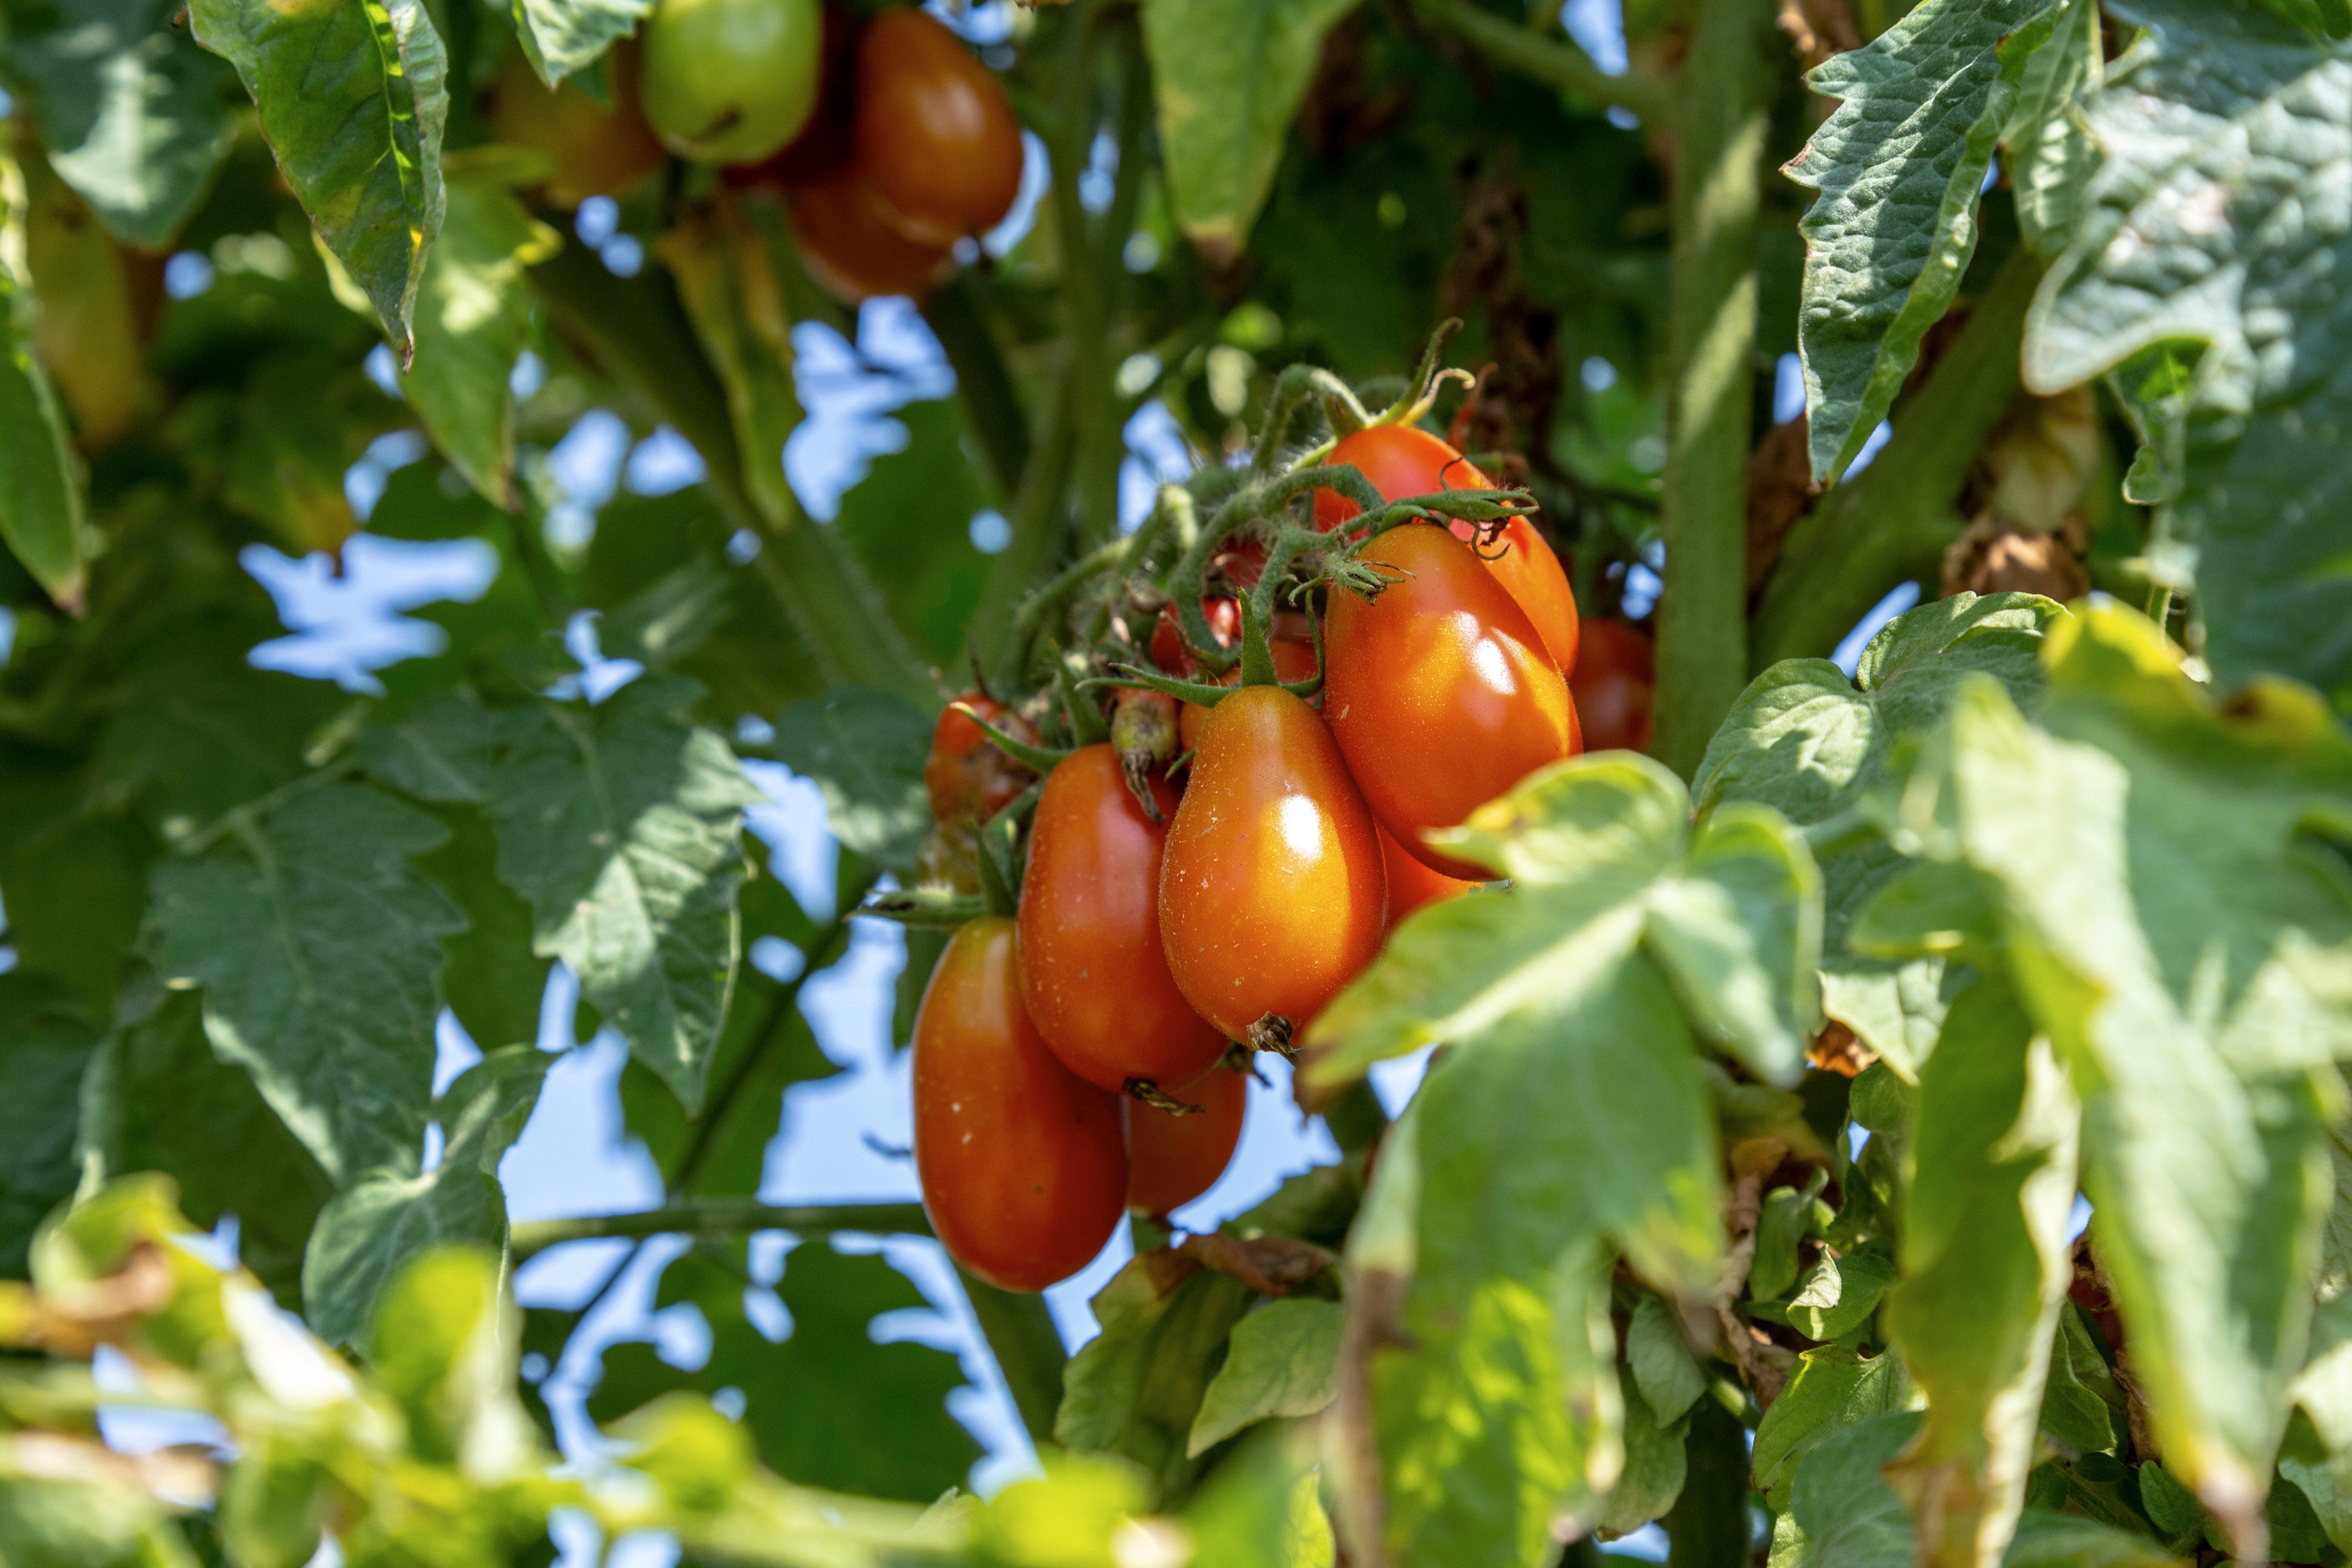 Il Pomodoro Cannellino Flegreo, l'ecotipo che cresce nelle terre della Sibilla Cumana